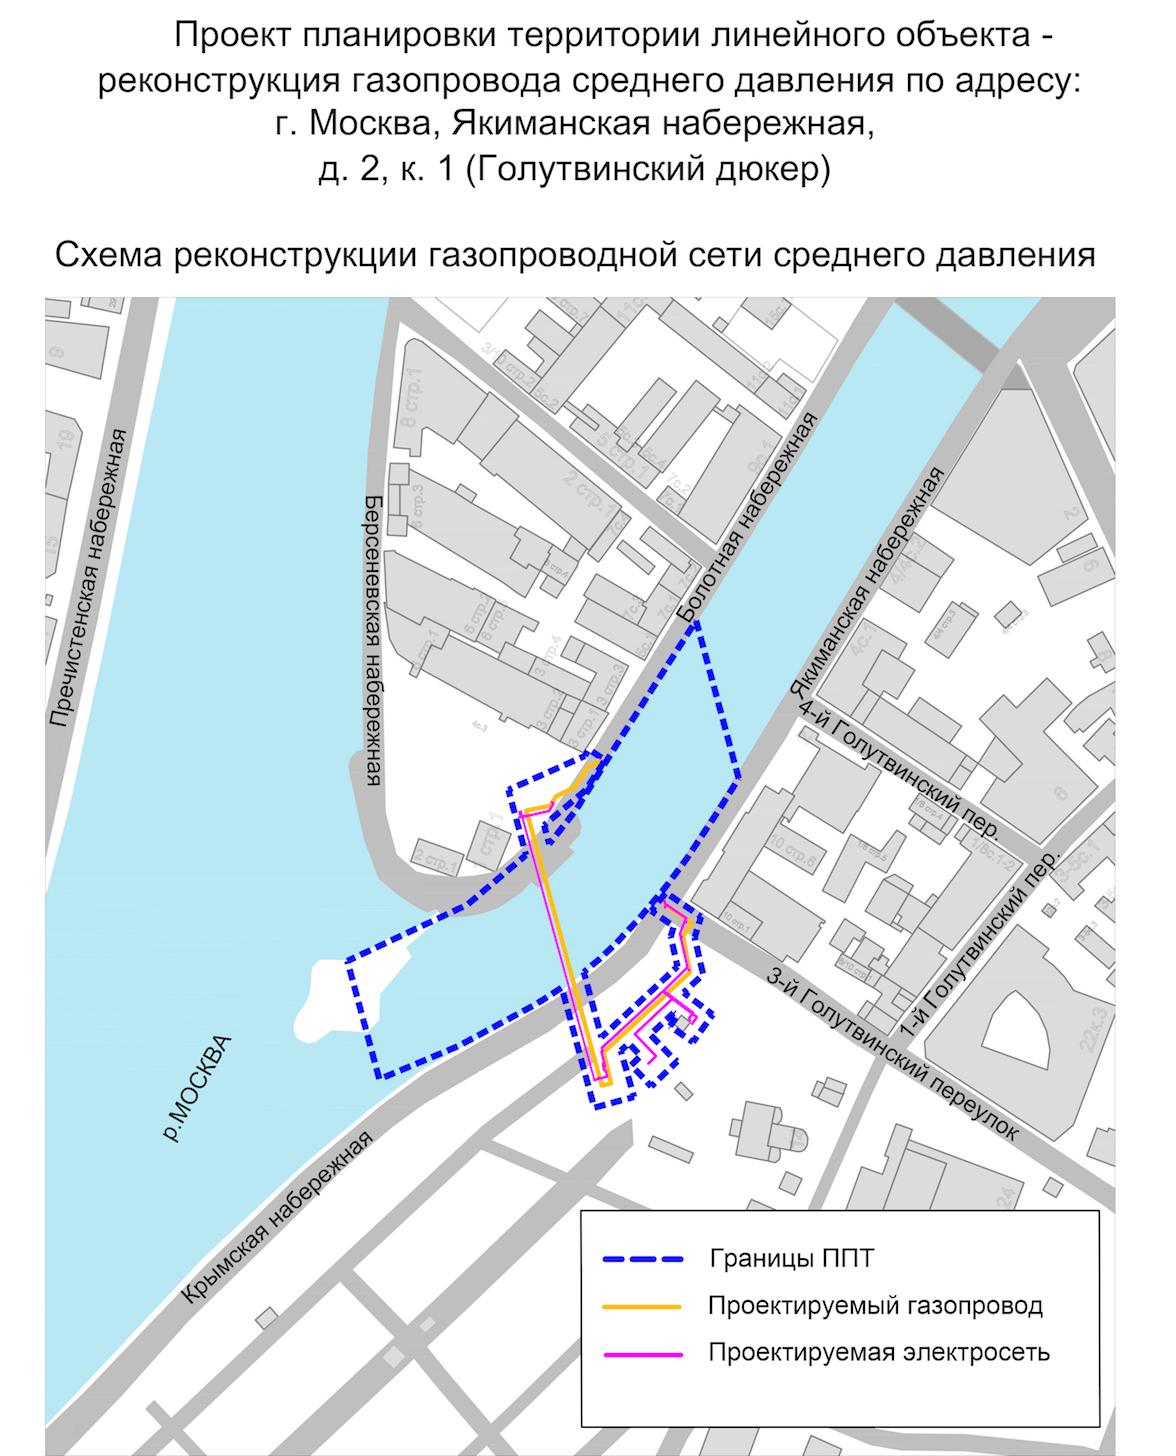 В районе Якиманке проведут реконструкцию газопровода